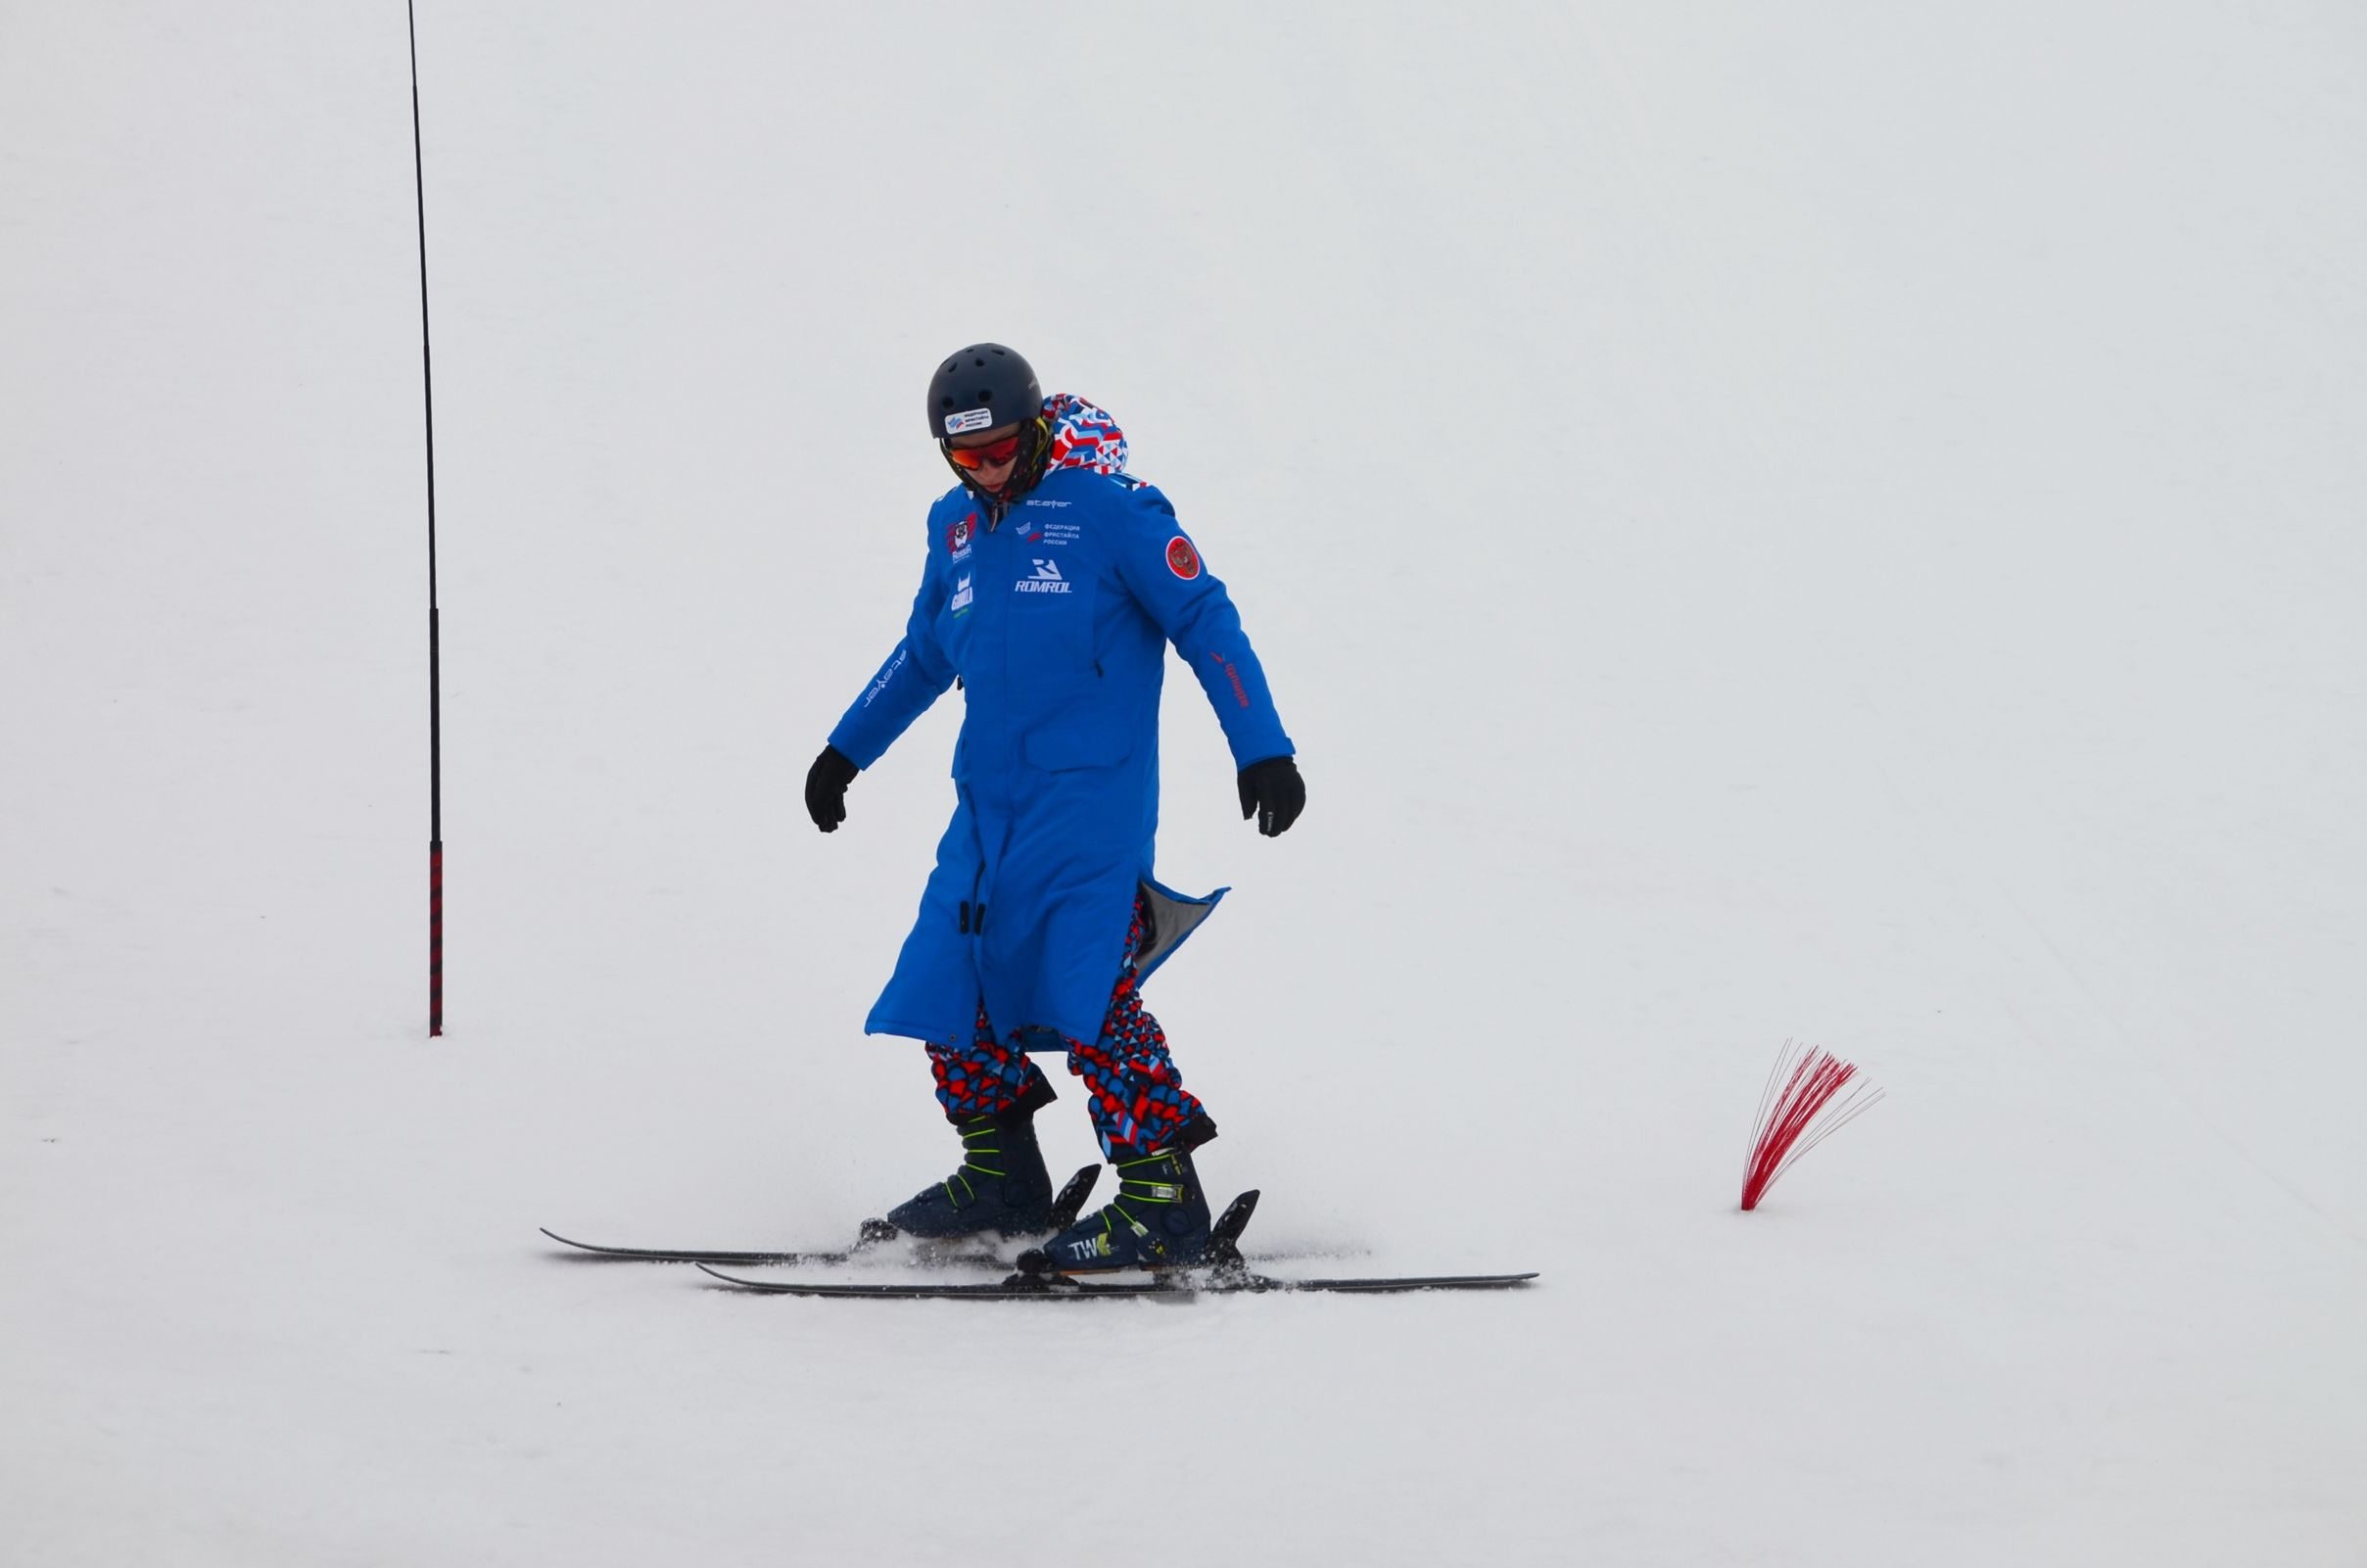 Дмитрий Миронов: в лыжной акробатике на чемпионате мира по фристайлу за Россию выступят только ярославцы